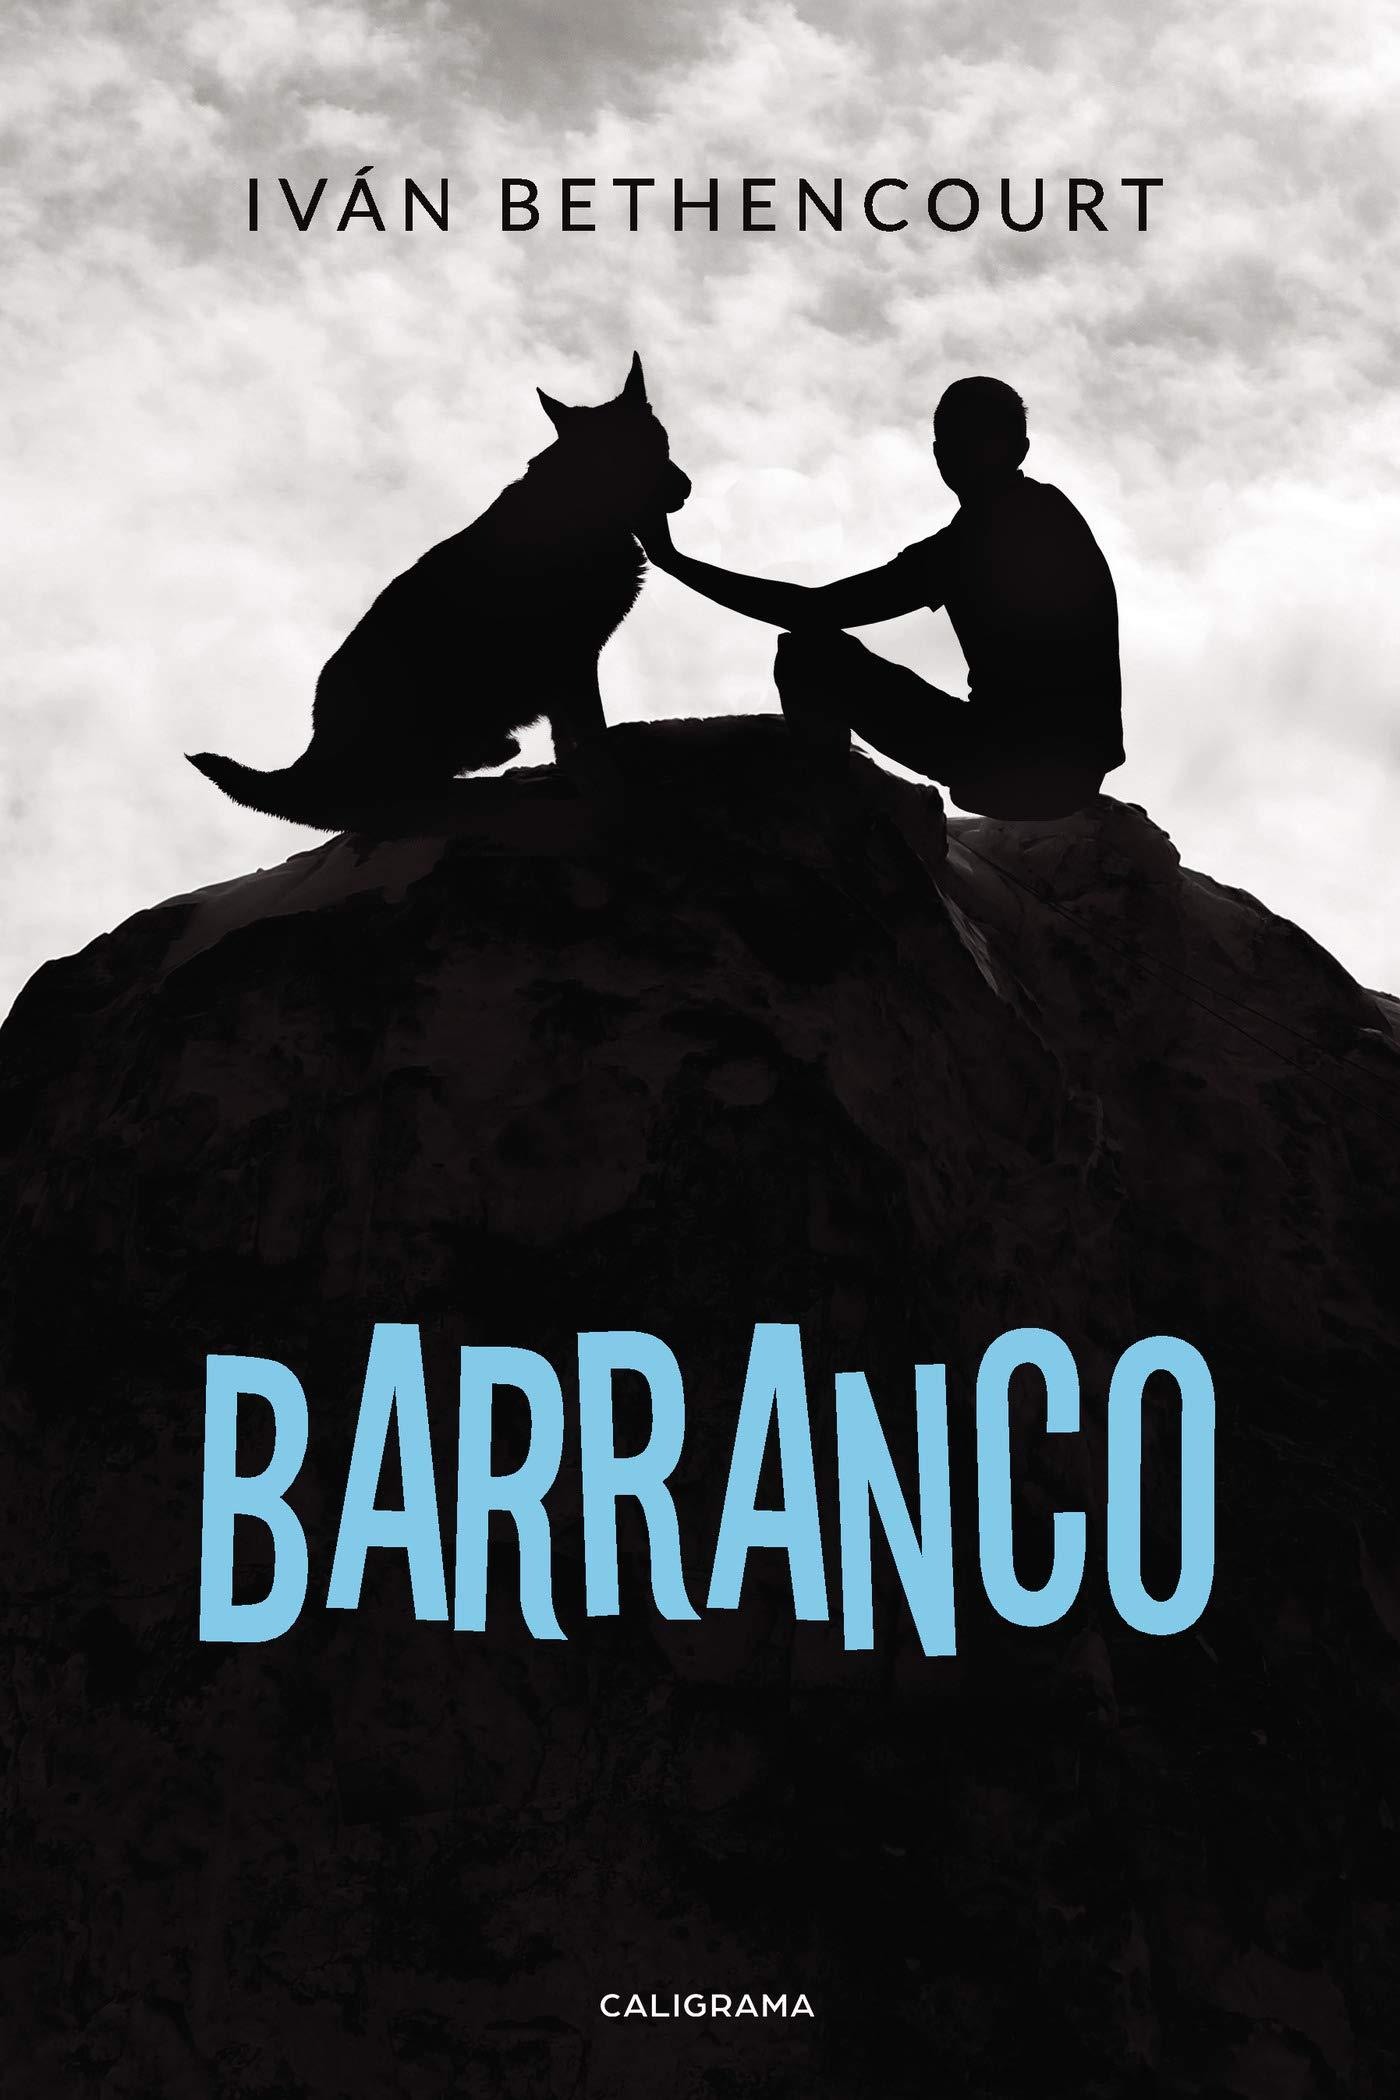 Barranco (Iván Bethencourt, 2019)